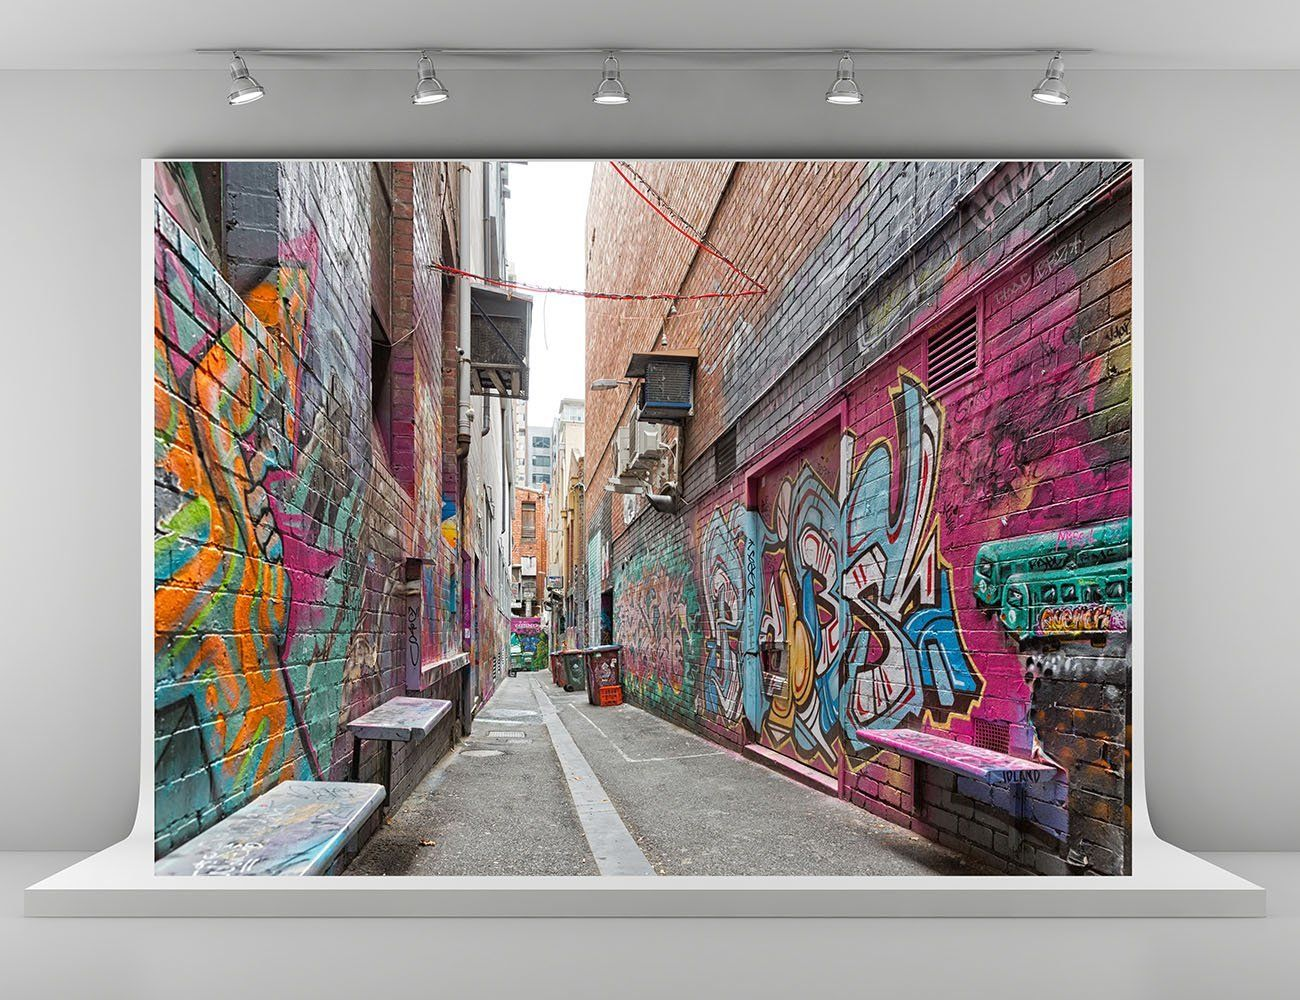 Christmas Graffiti Background.Amazon Com 7x5ft 2 2x1 5m Graffiti Wall Photography